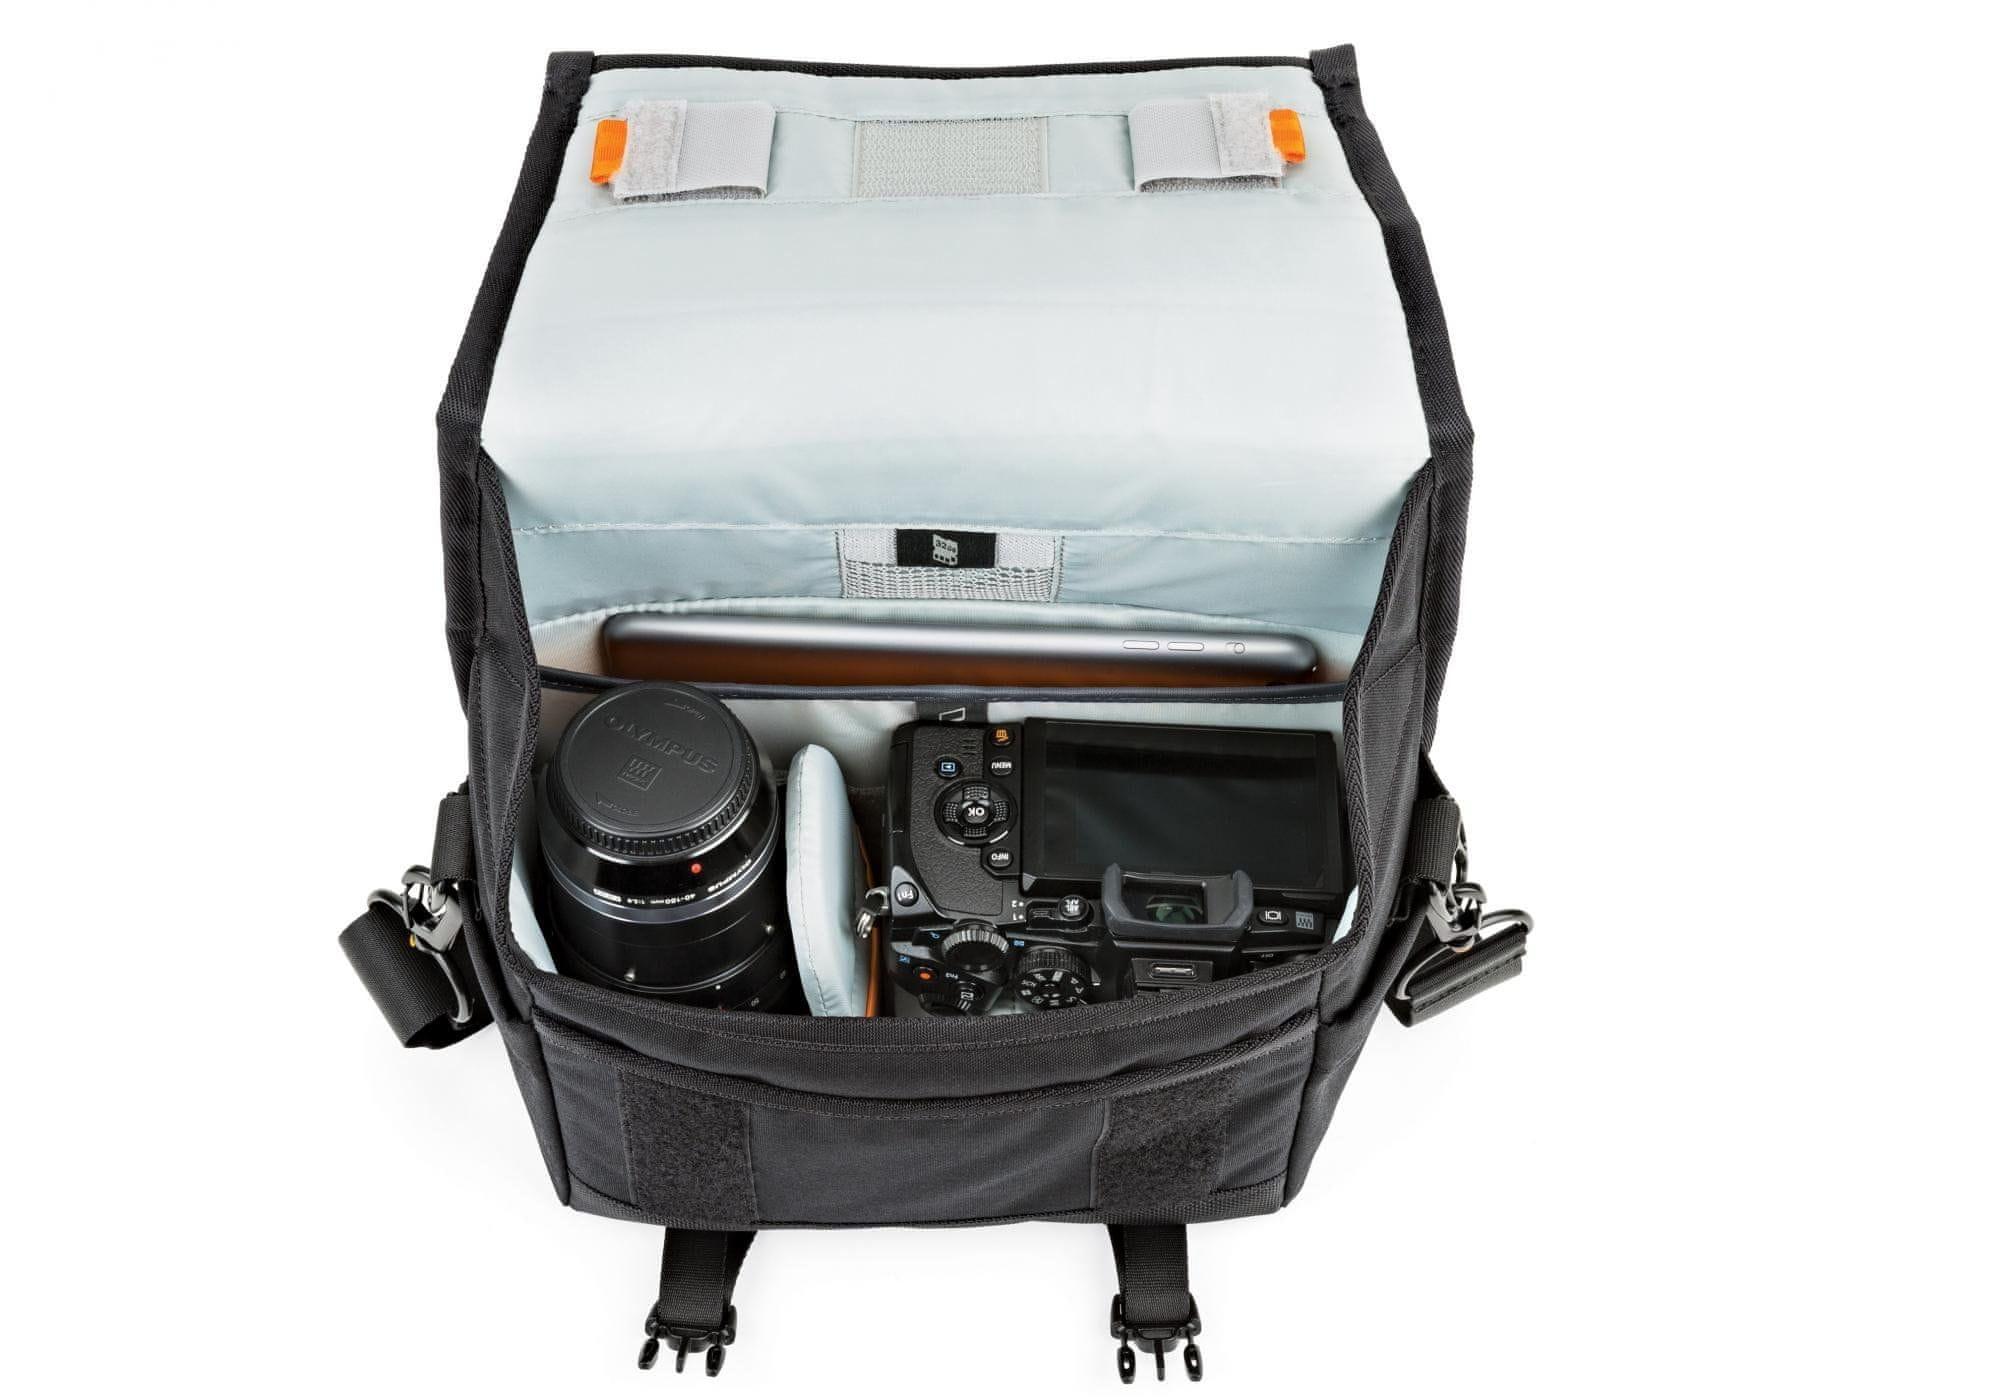 brašna na foťák Lowepro M-Trekker SH 150 black E61PLW37161 fotobrašna pláštěnka polstrovaná fotokomora